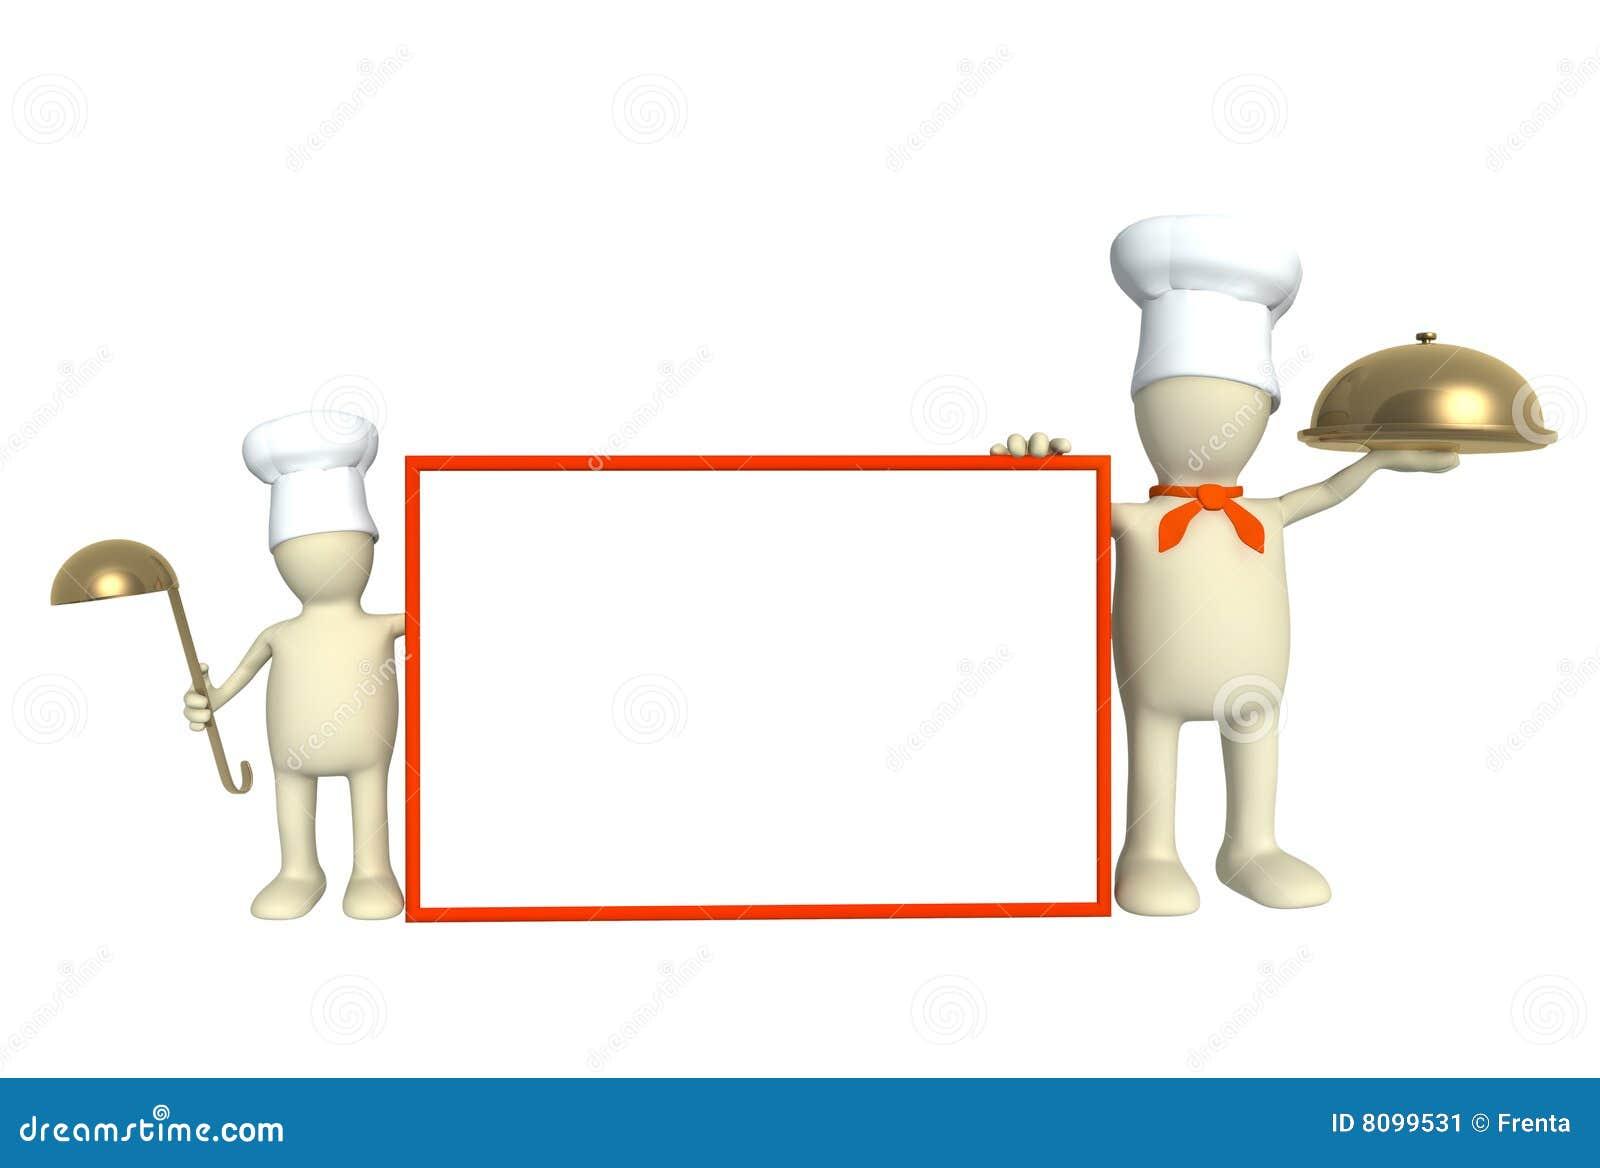 Lagar Mat Familjen Stock Illustrationer Illustration Av Meny 8099531